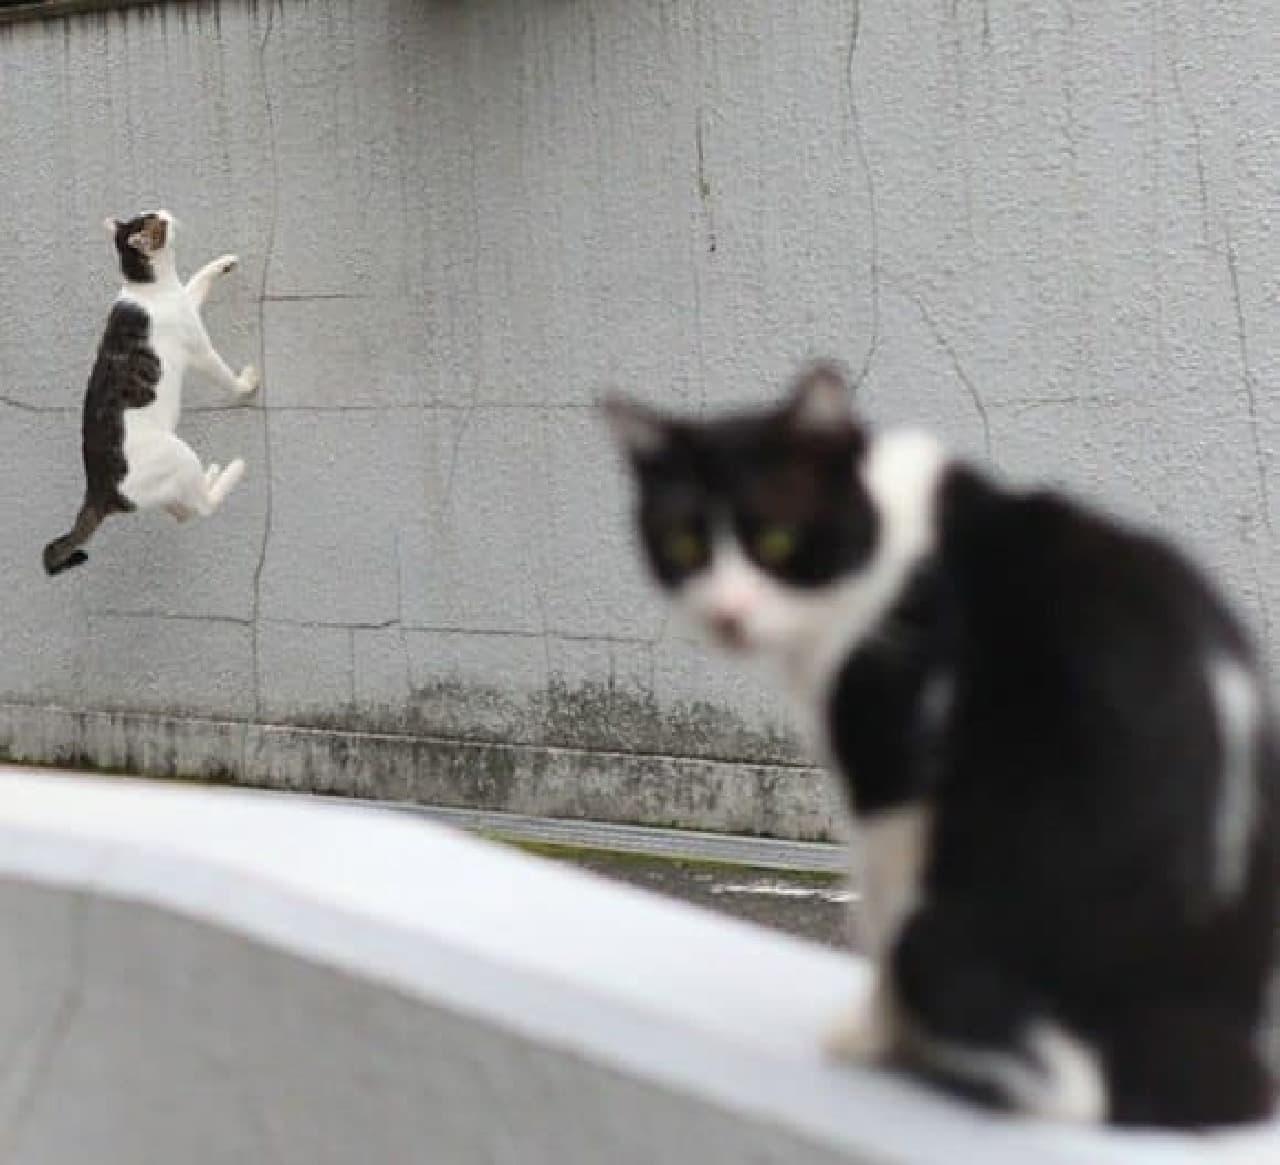 奇跡の一枚の例:壁を歩くネコ